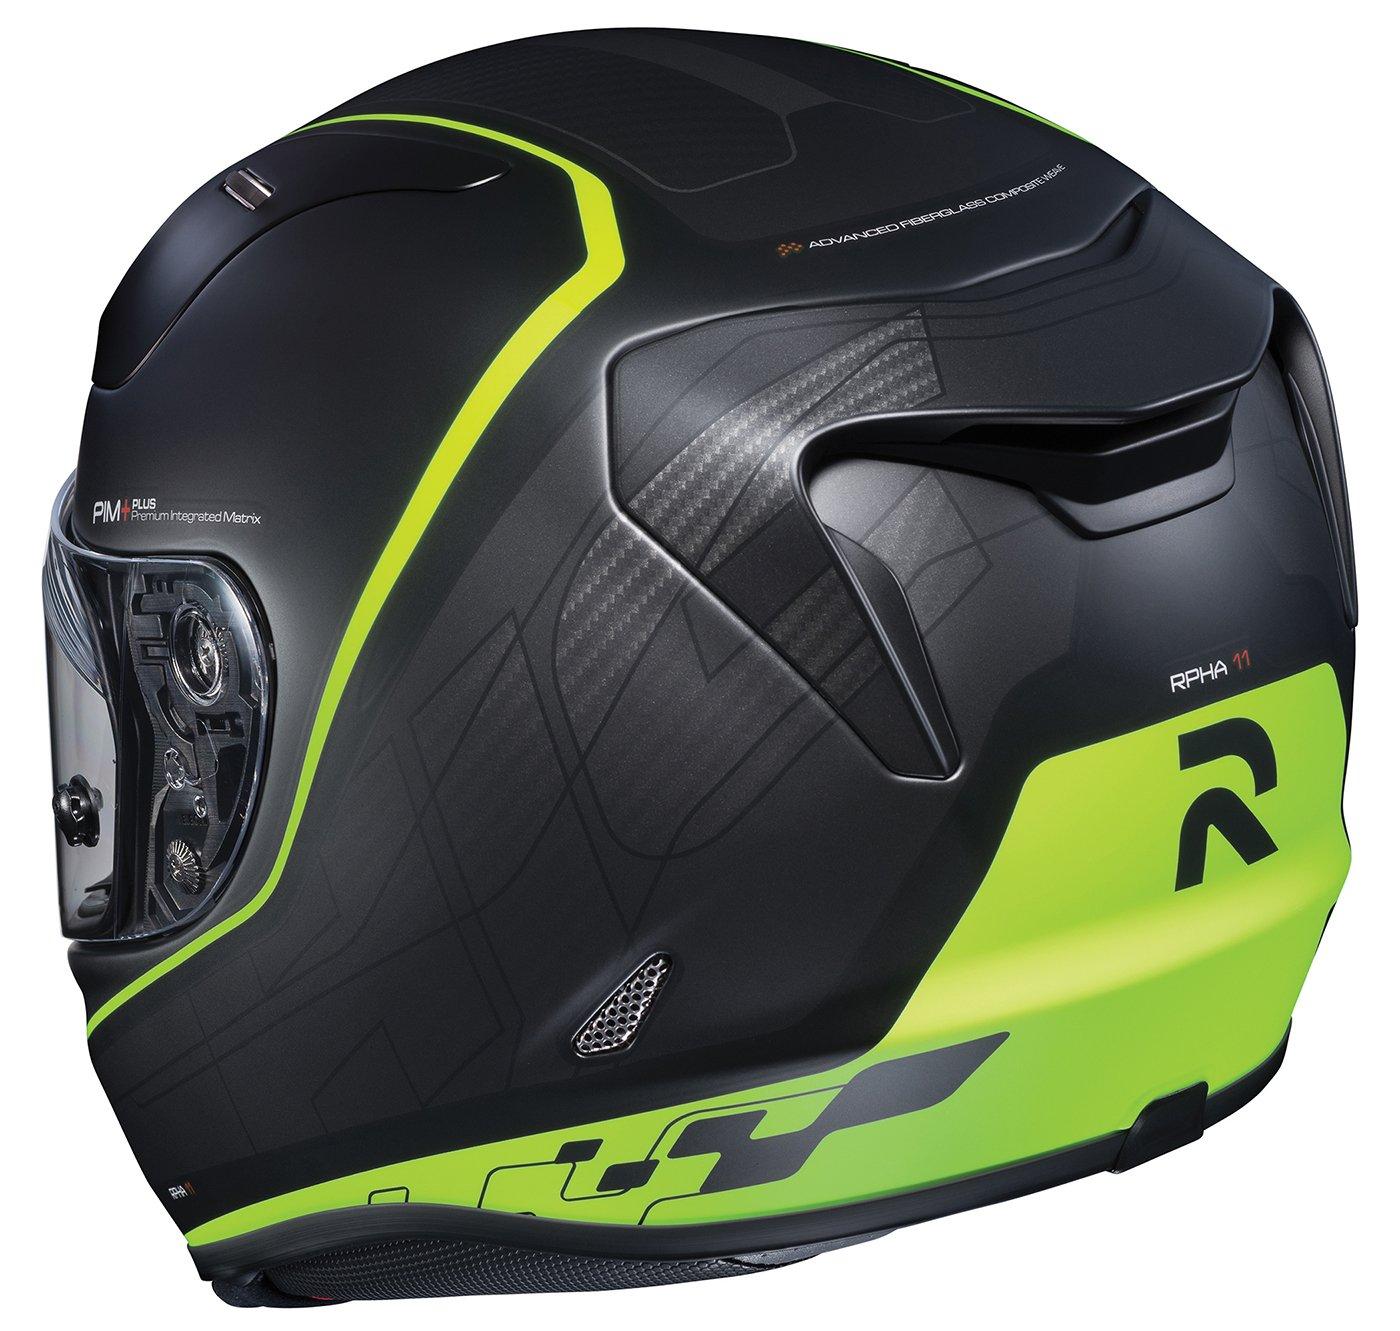 1652-735 HJC Helmets Unisex-Adult Full-Face-Helmet-Style RPHA-11 Pro Riberte Helmet MC-4HSF Black//Hi-Vis, X-Large